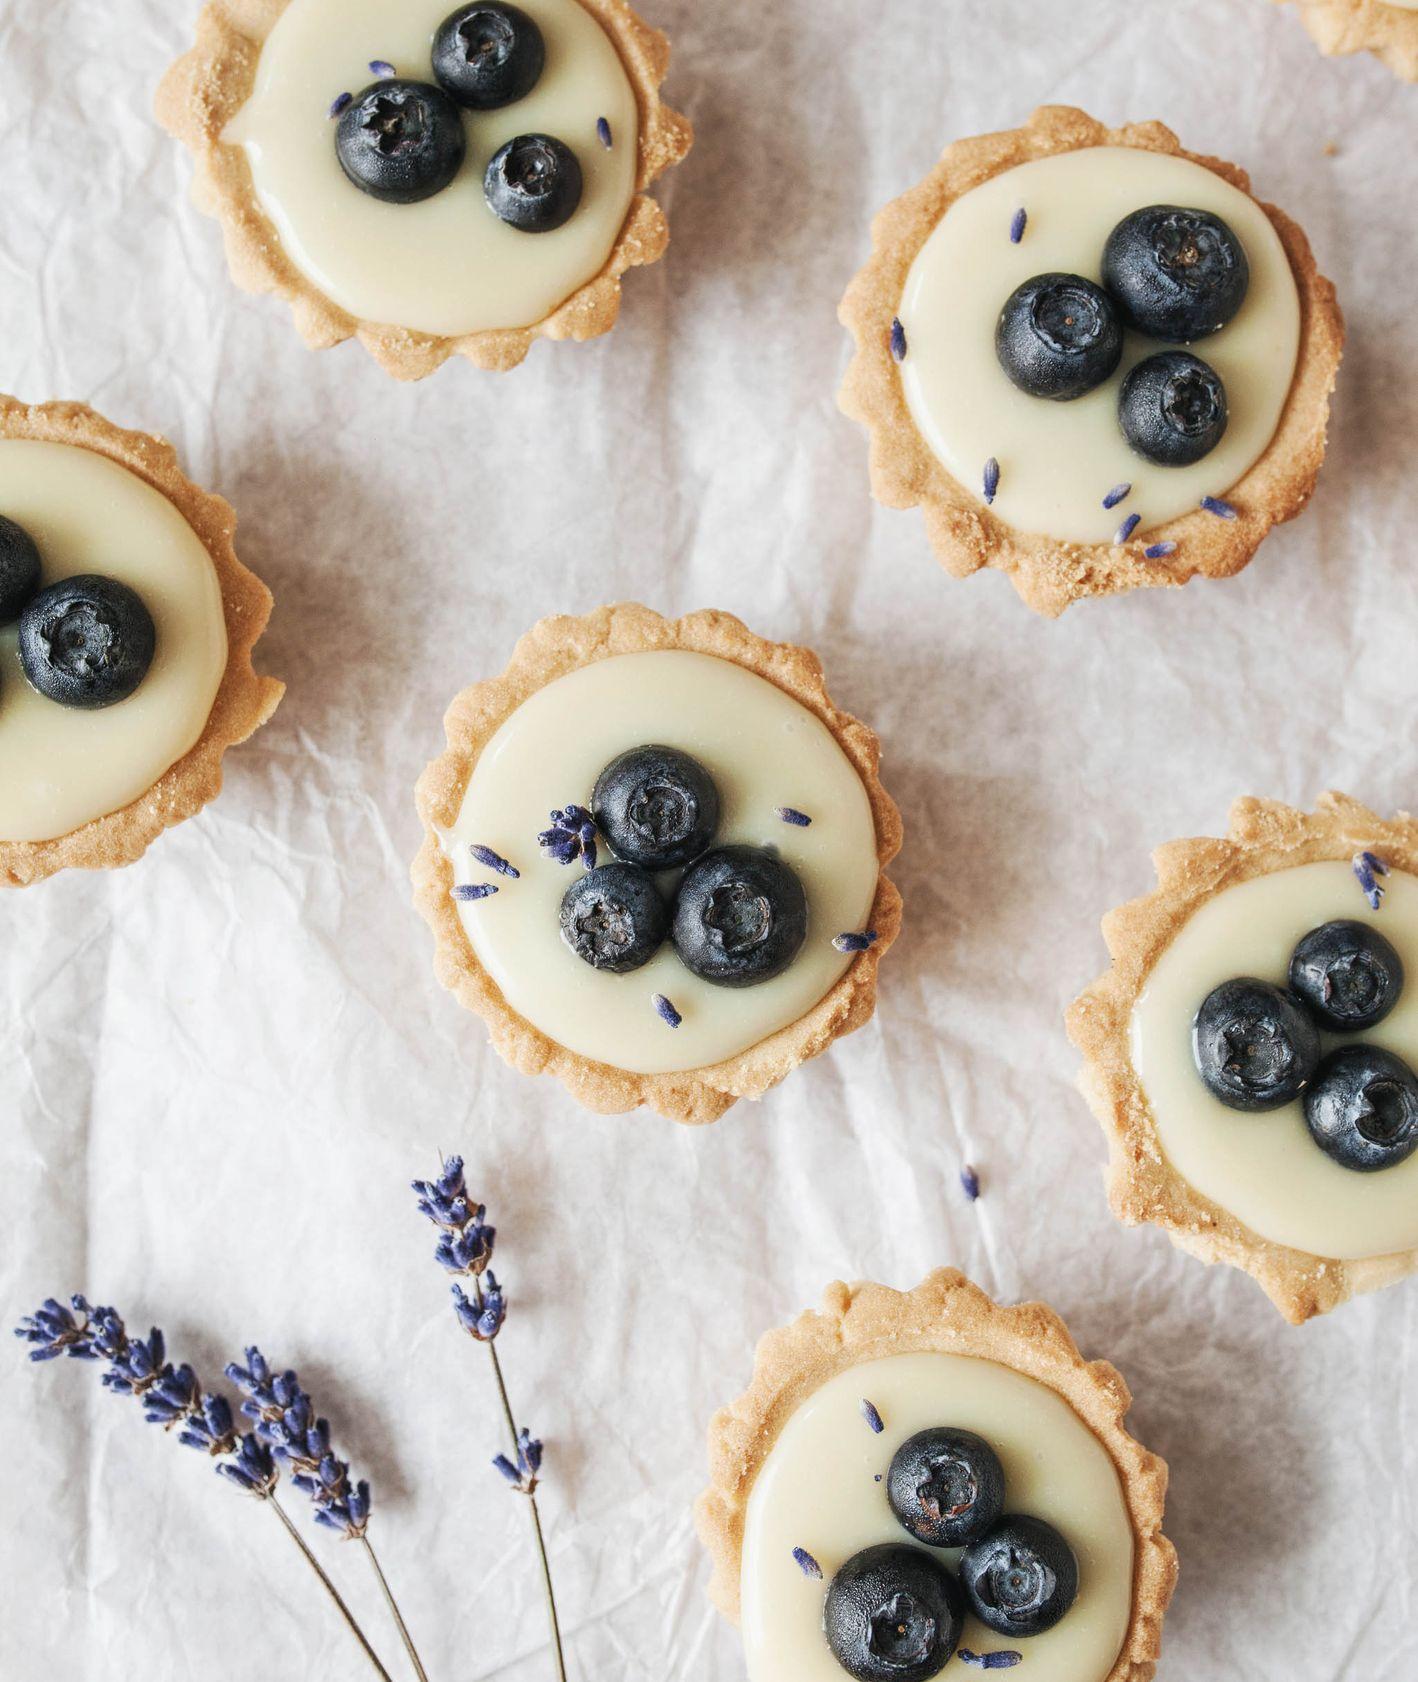 Tarteletki z kruchego ciasta z sezonowymi owocami i polewą z białej czekolady ozdobione jagodami (fot. Sylwia Kaleta)